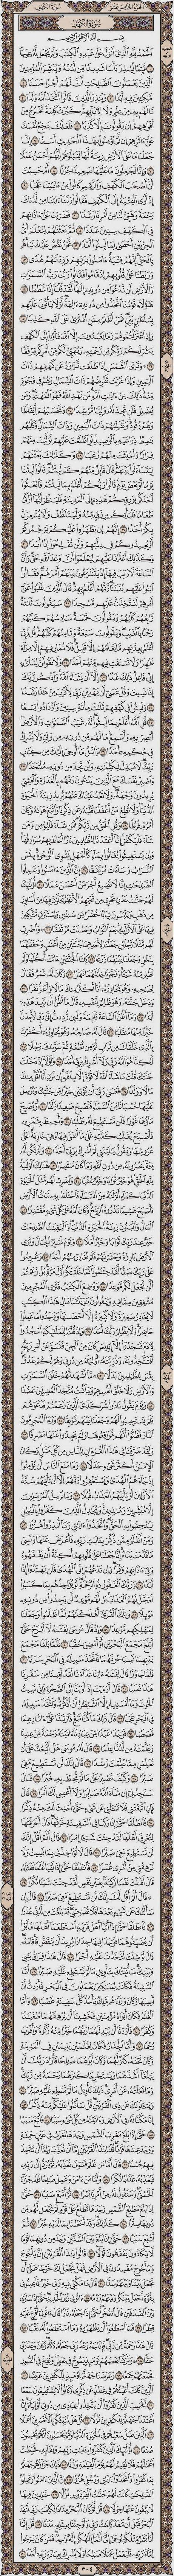 سورة الكهف كاملة للقراءة مباشرة تم اضافة زر تحميل مدونة رؤية Surah Kahf Islamic Phrases Quran Surah